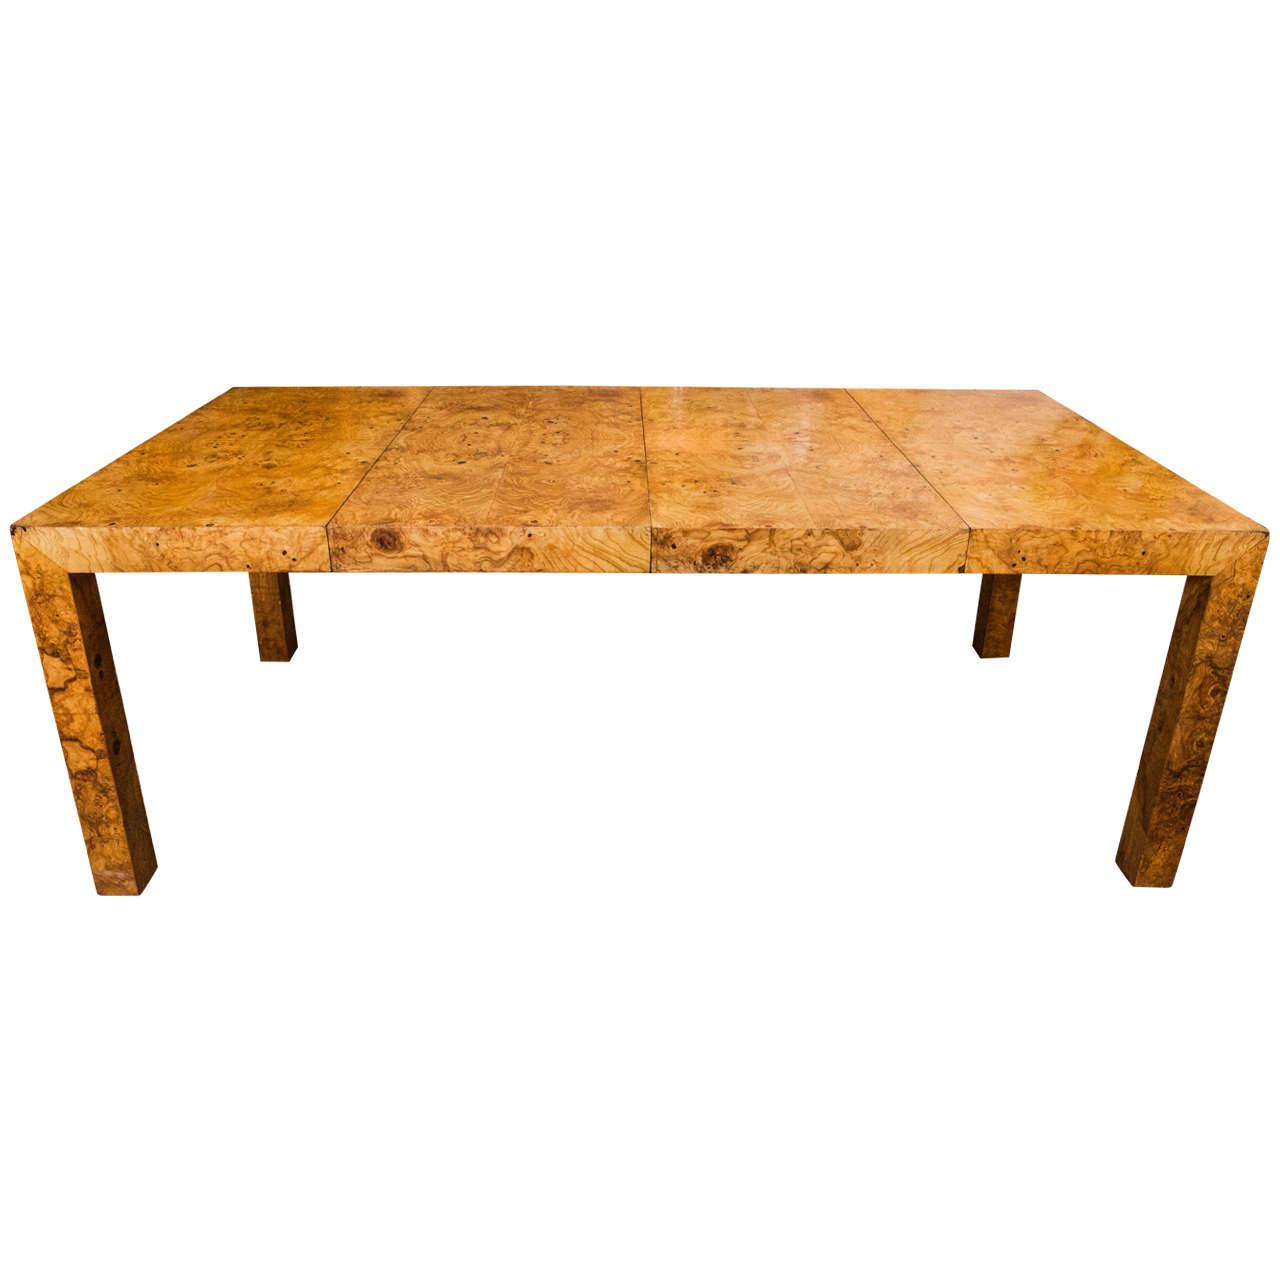 olive burl veneer parsons table at 1stdibs. Black Bedroom Furniture Sets. Home Design Ideas